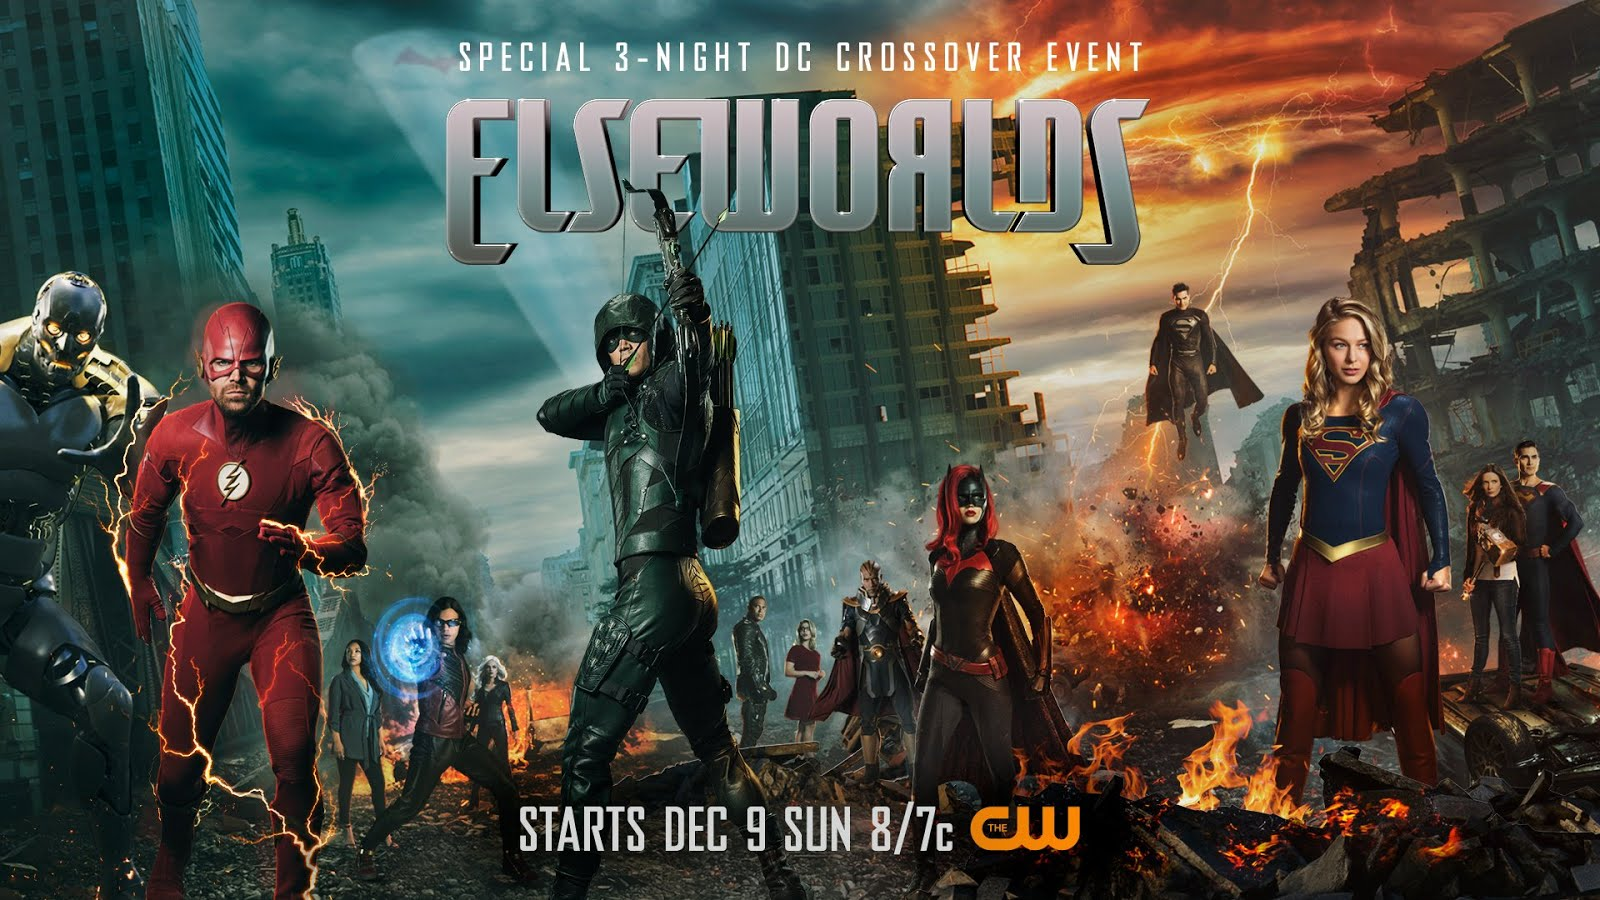 Imagen promocional de Elseworlds, el nuevo crossover del Arrowverse.